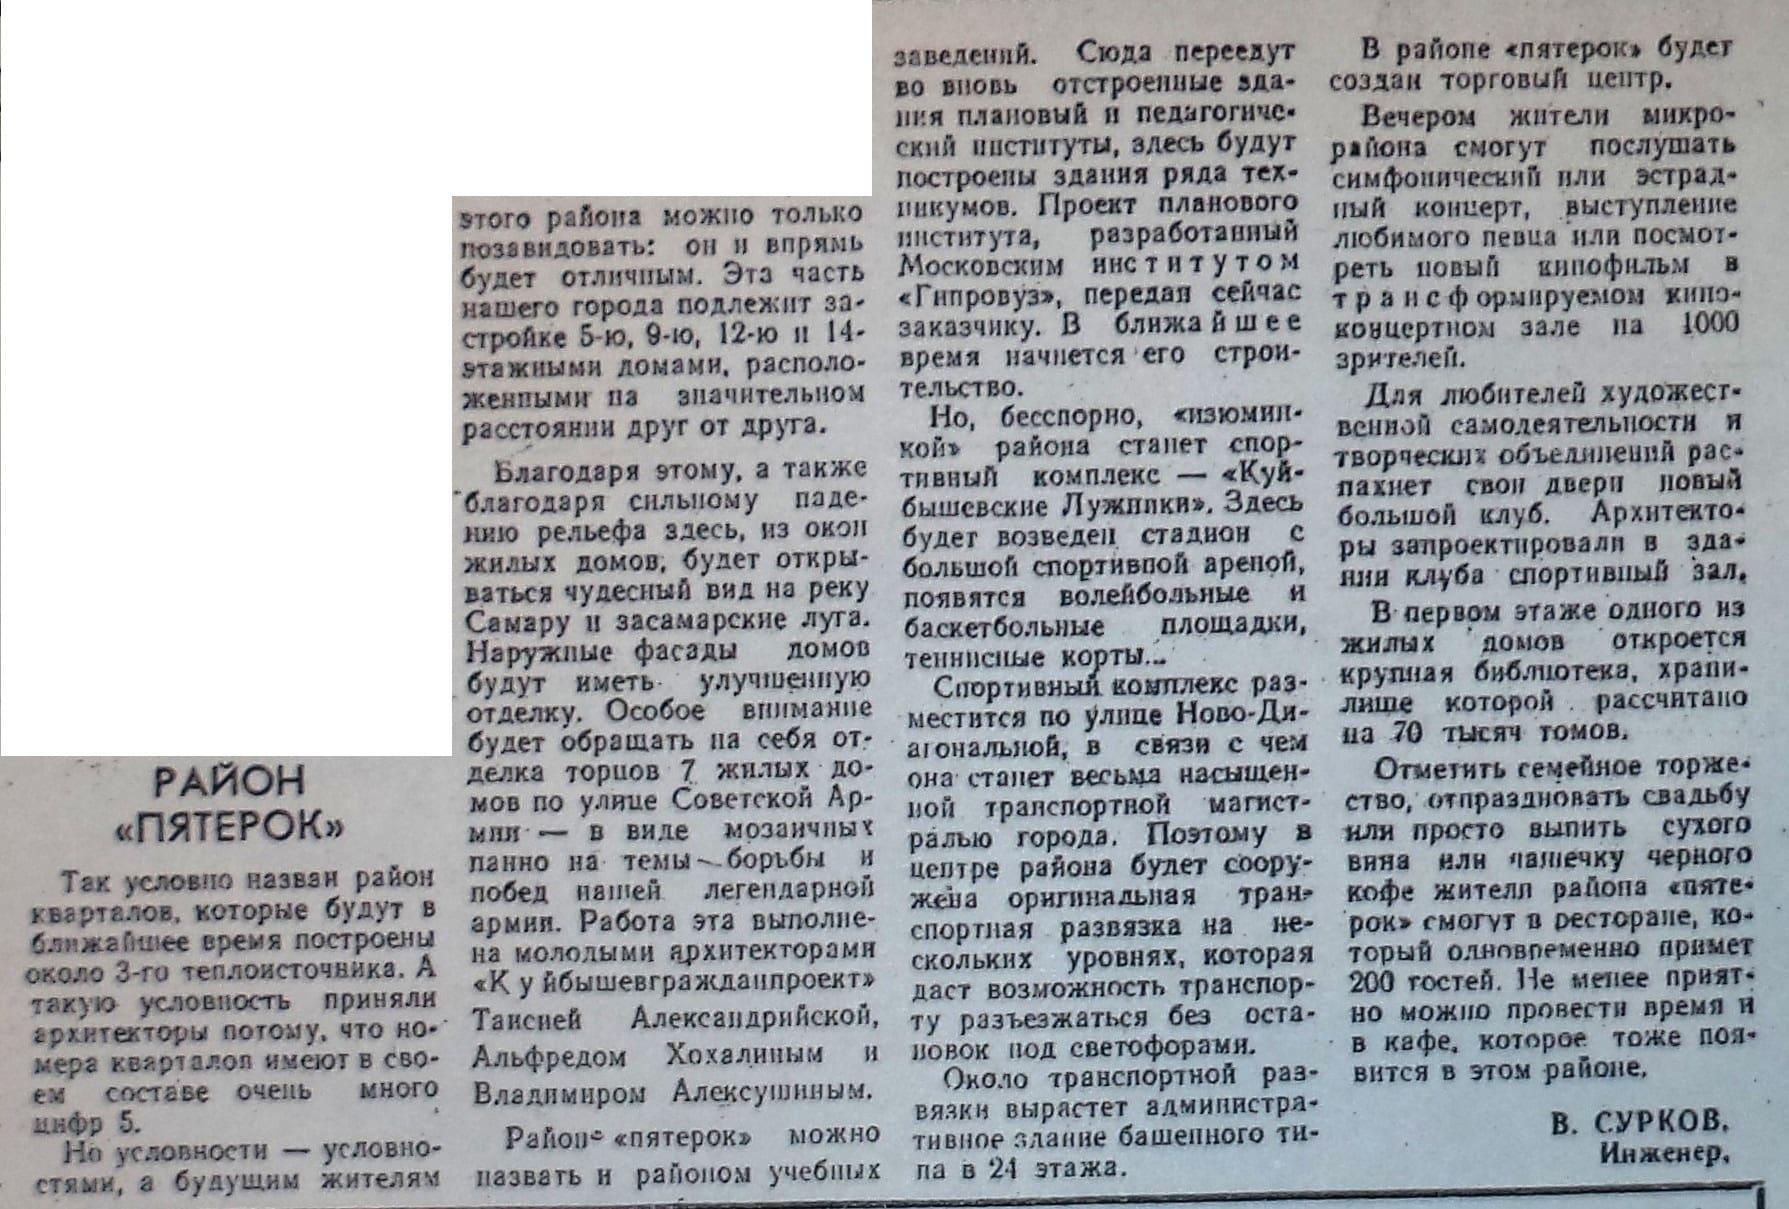 СА-ФОТО-023-ВКц-1967-06-03-перспективы города